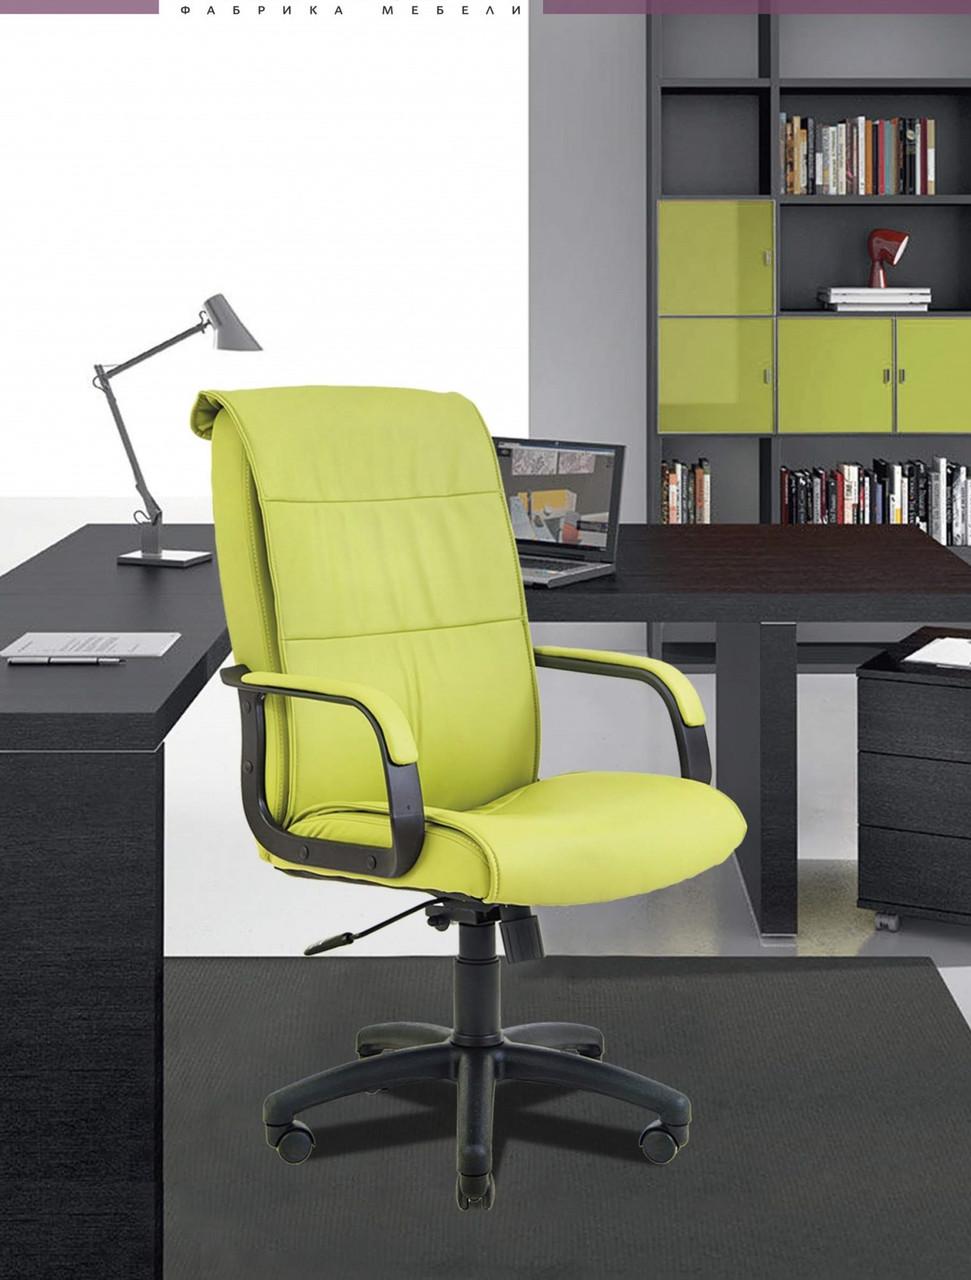 Офісне Крісло Керівника Richman Ріо Флай 2234 Пластик Річ М2 AnyFix Зелене